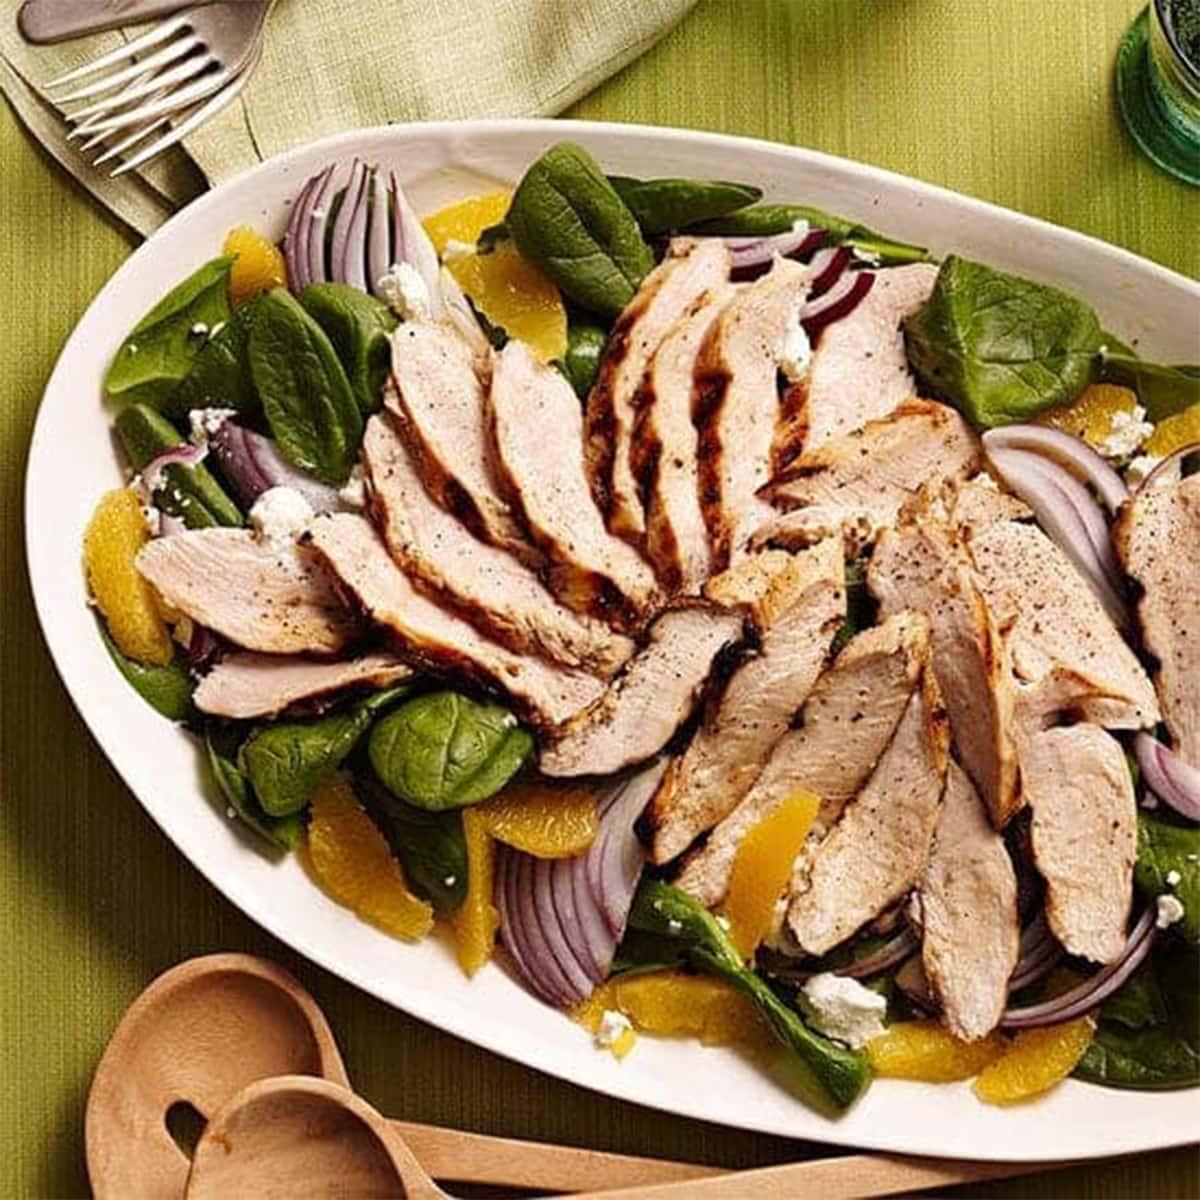 Orange Chicken Spinach Salad with Feta